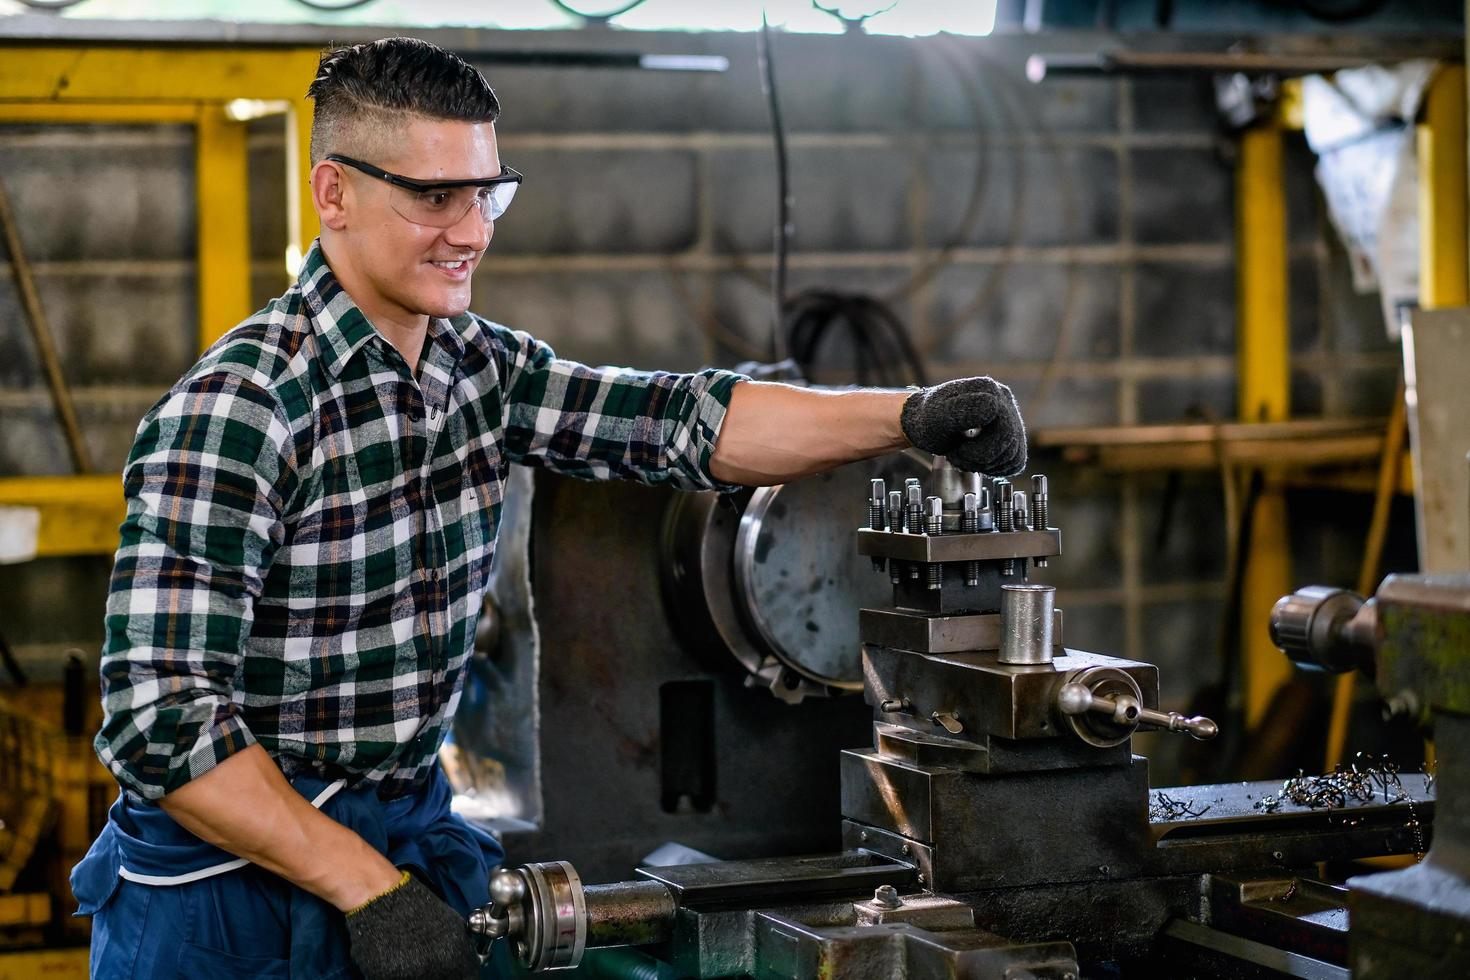 un ingénieur portant des lunettes de protection travaille sur une machine photo